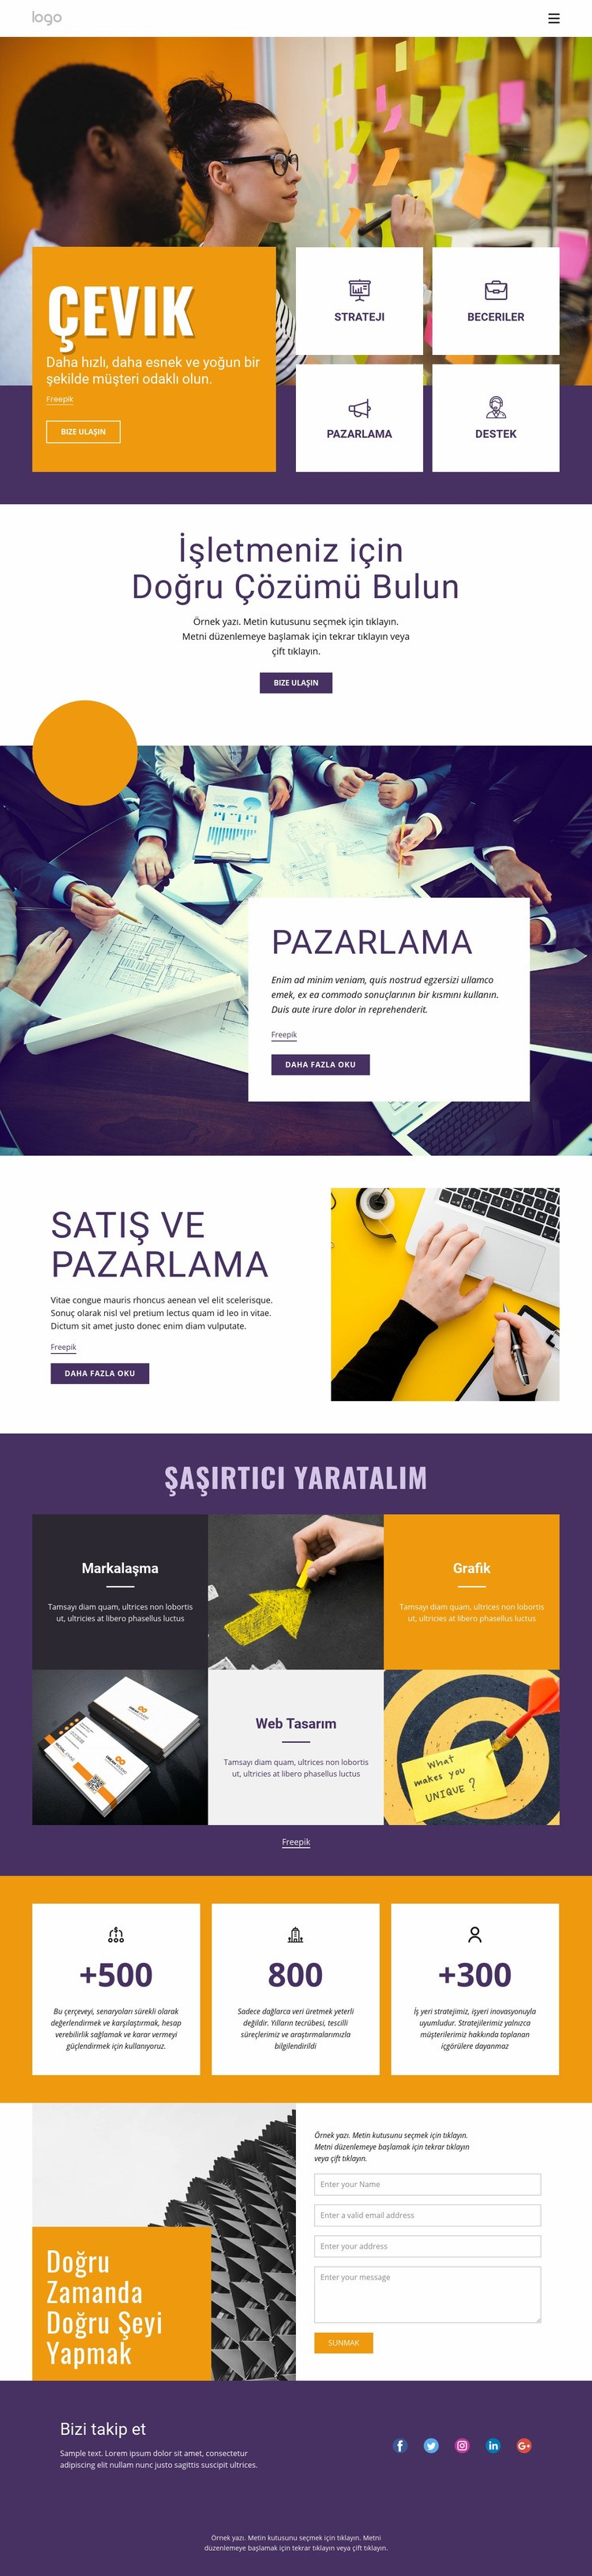 BT iş hizmetleri Web Sitesi Şablonu